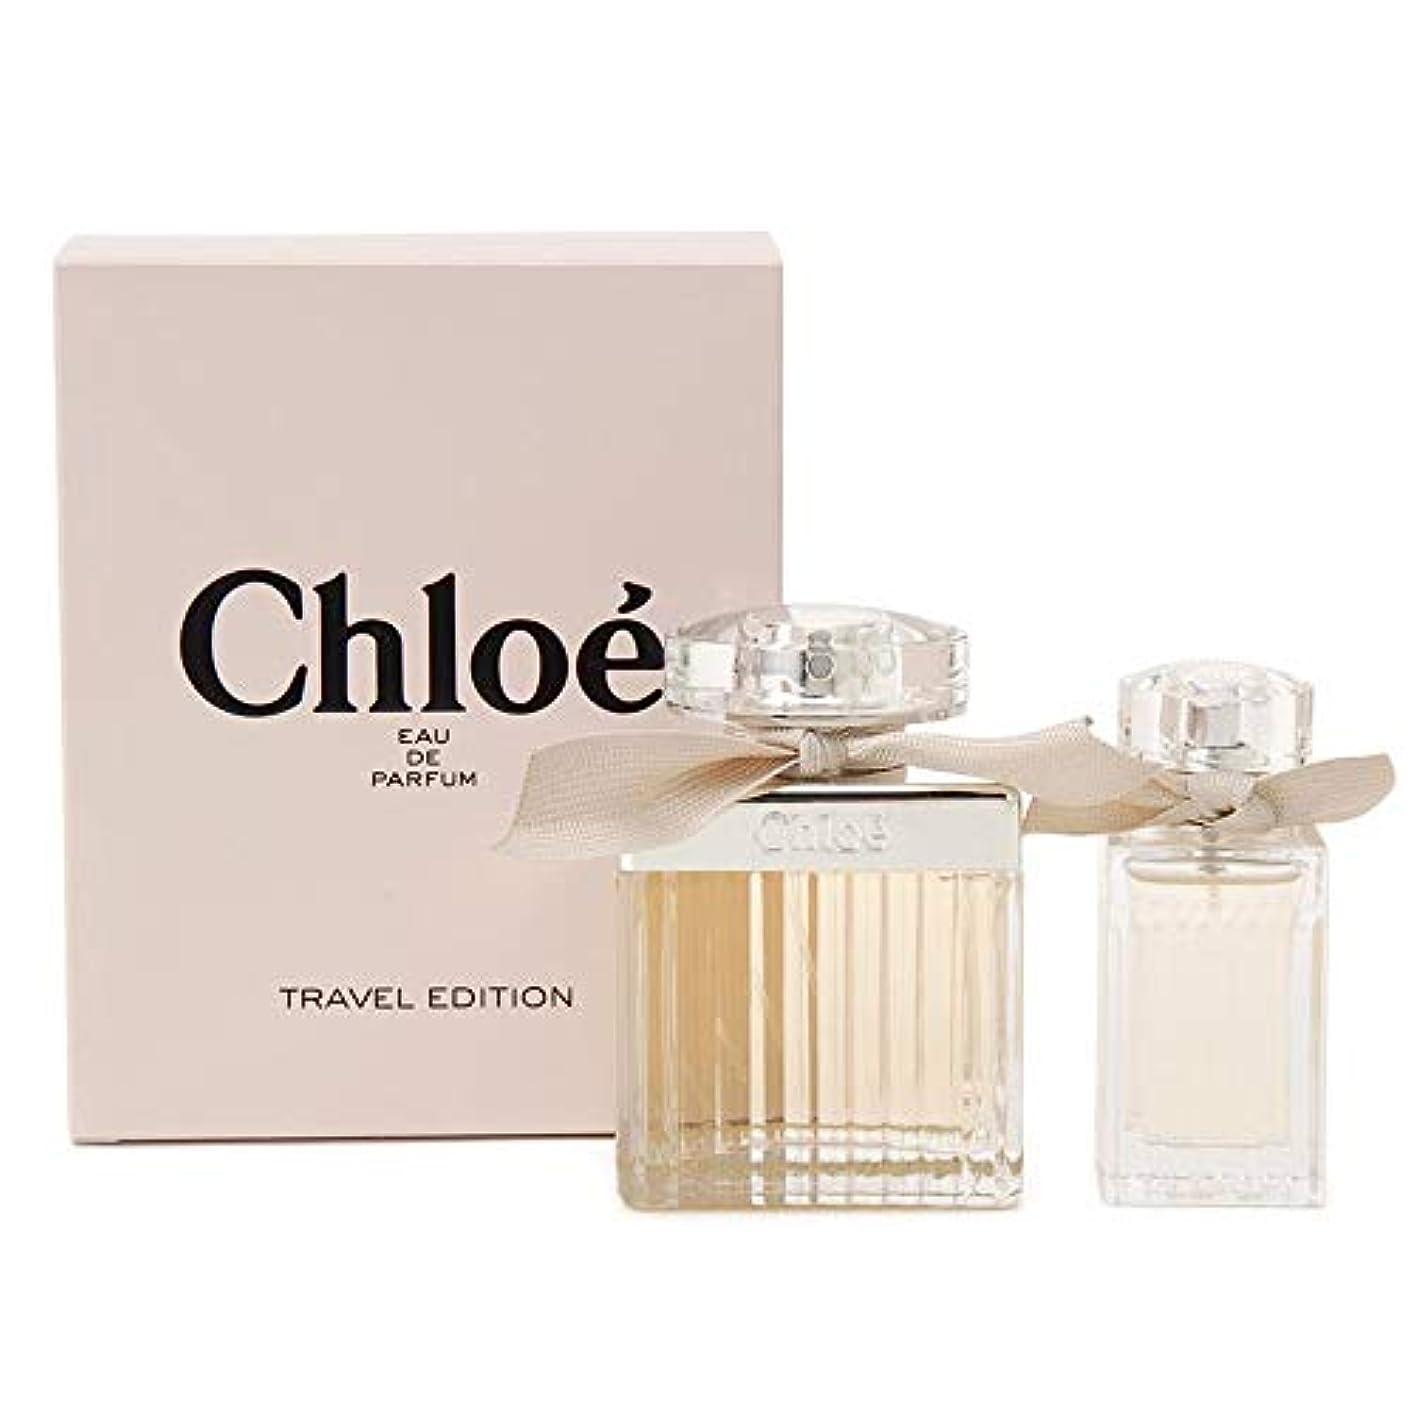 同一の動物園不器用クロエ chloe オードパルファム 香水セット 20ml 75ml 2P 香水 レディース 女性用 フレグランス [並行輸入品]